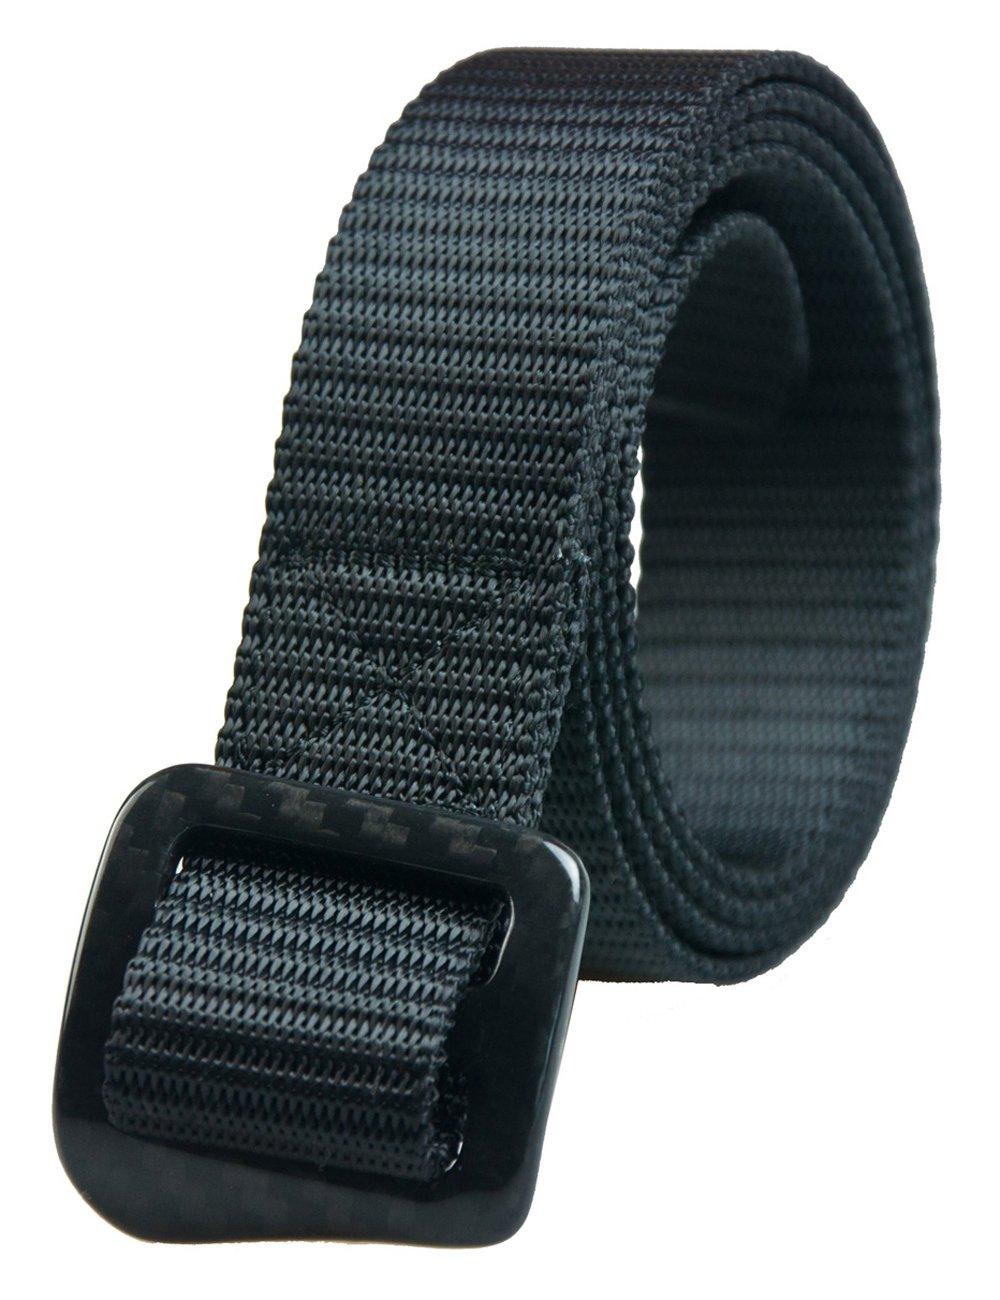 RockWay Ourdoor Narrow Nylon with Carbon Fiber Adjustable Buckle Unisex Riding Belt (Black) (Medium)